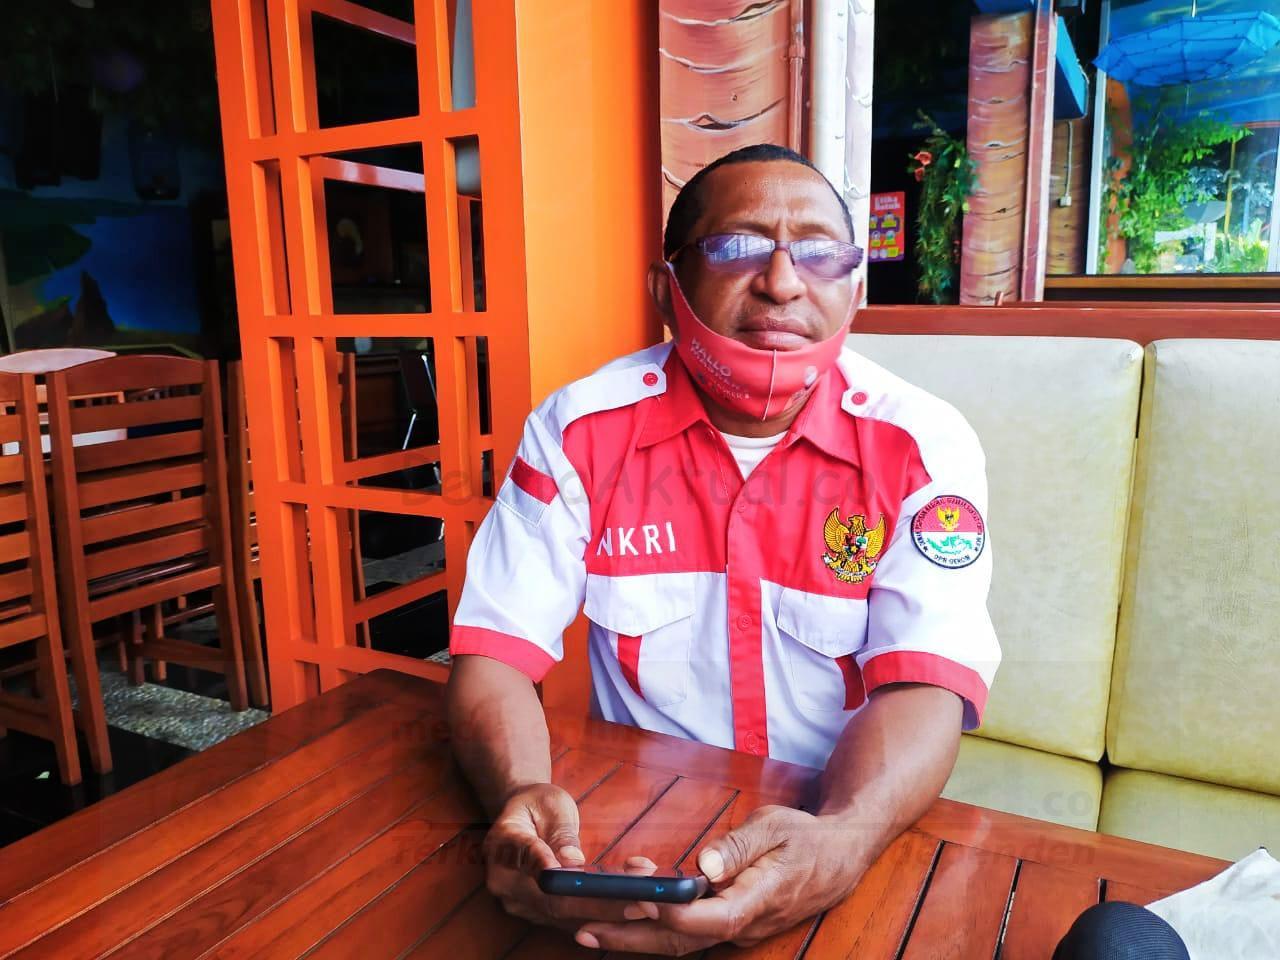 Sesalkan Aksi HUT West Papua, Ketua Gercin PB: Generasi Muda Jangan Terjebak Isu Papua Merdeka 3 IMG 20201127 WA0043